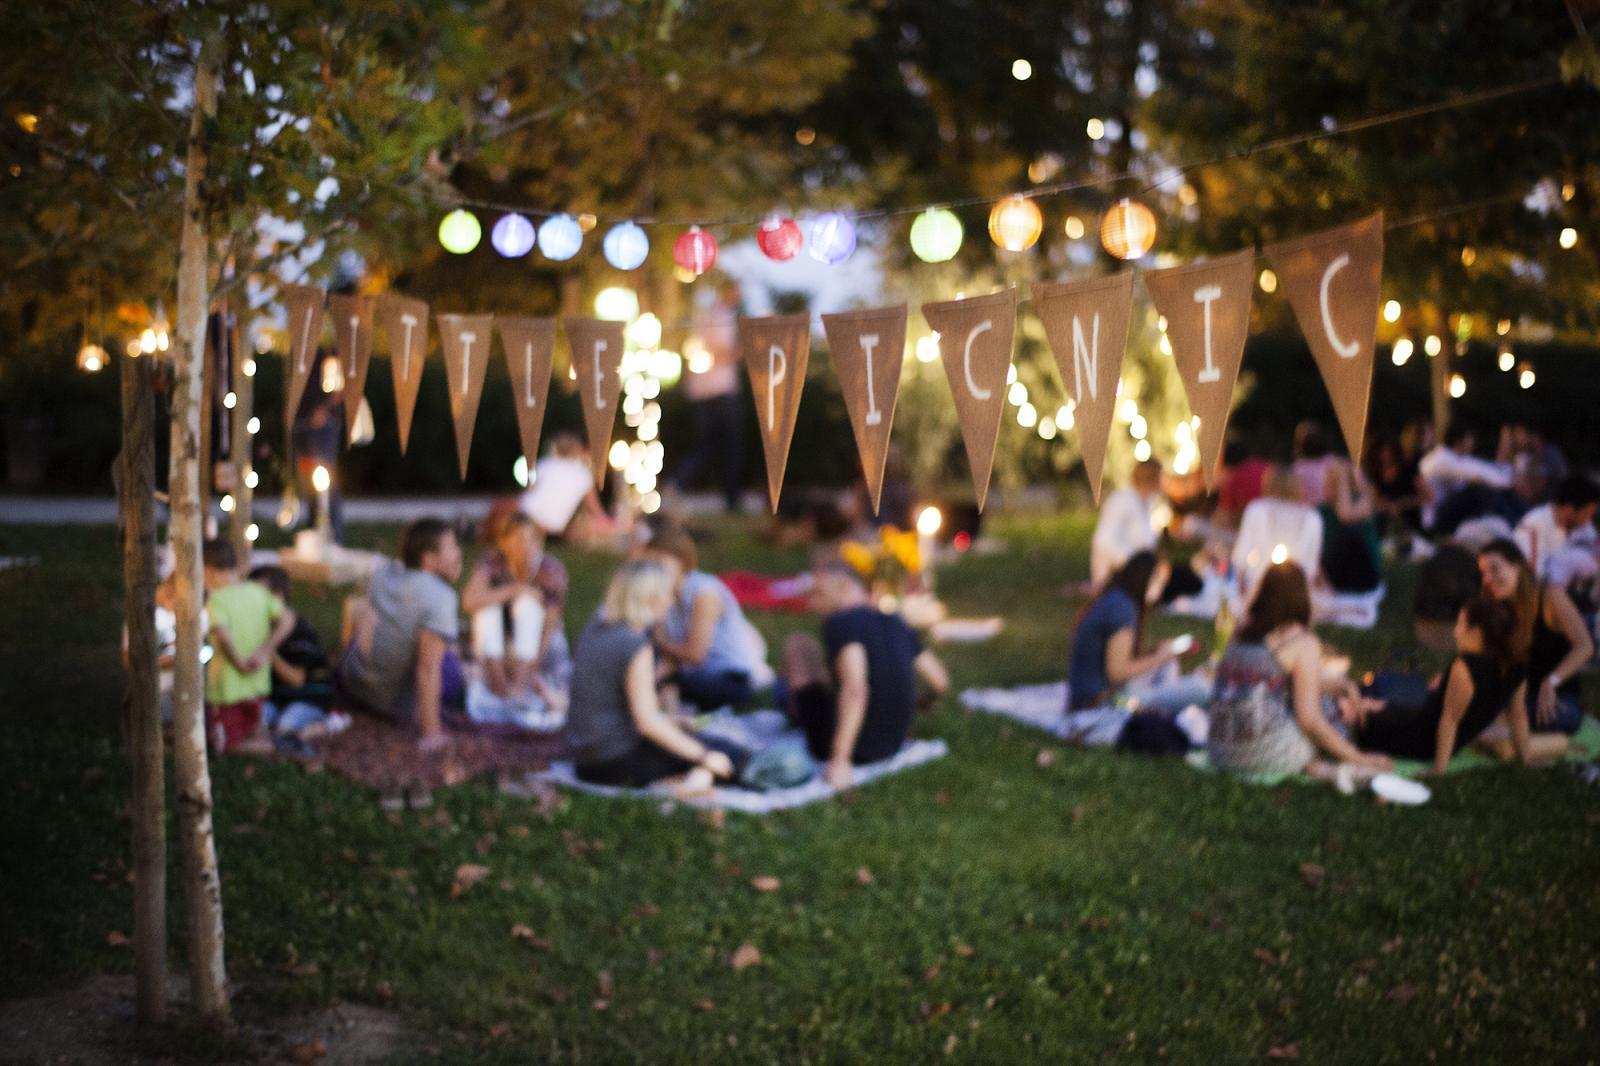 Travica, dekica, klopica - Mali piknik stvarno se potrudio srijedu pretvoriti u romantičan dan...